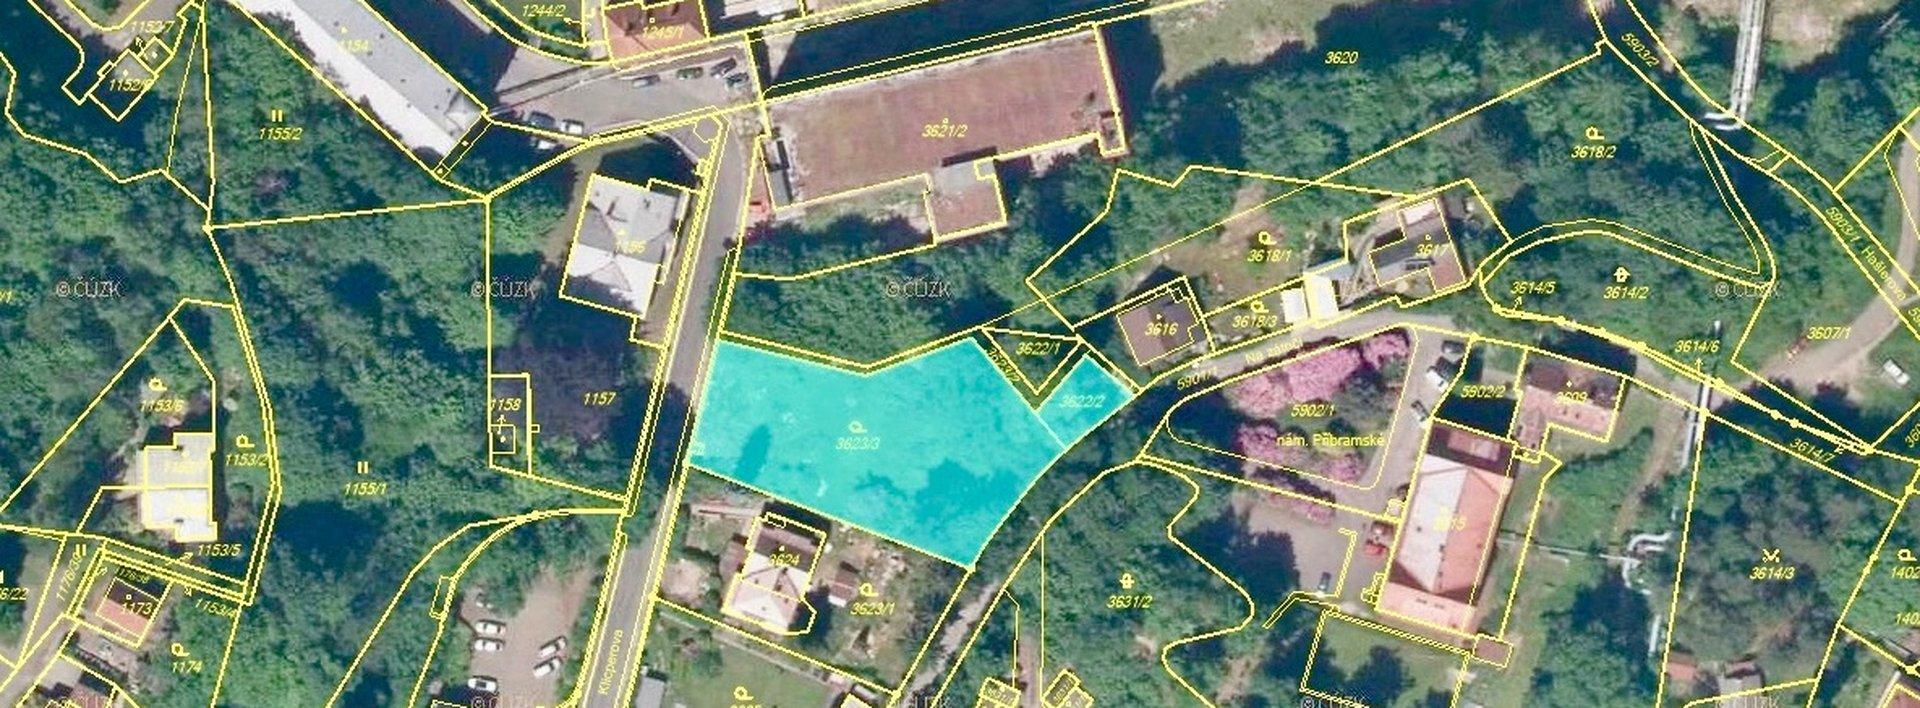 Prodej stavebního pozemku v centru Liberce